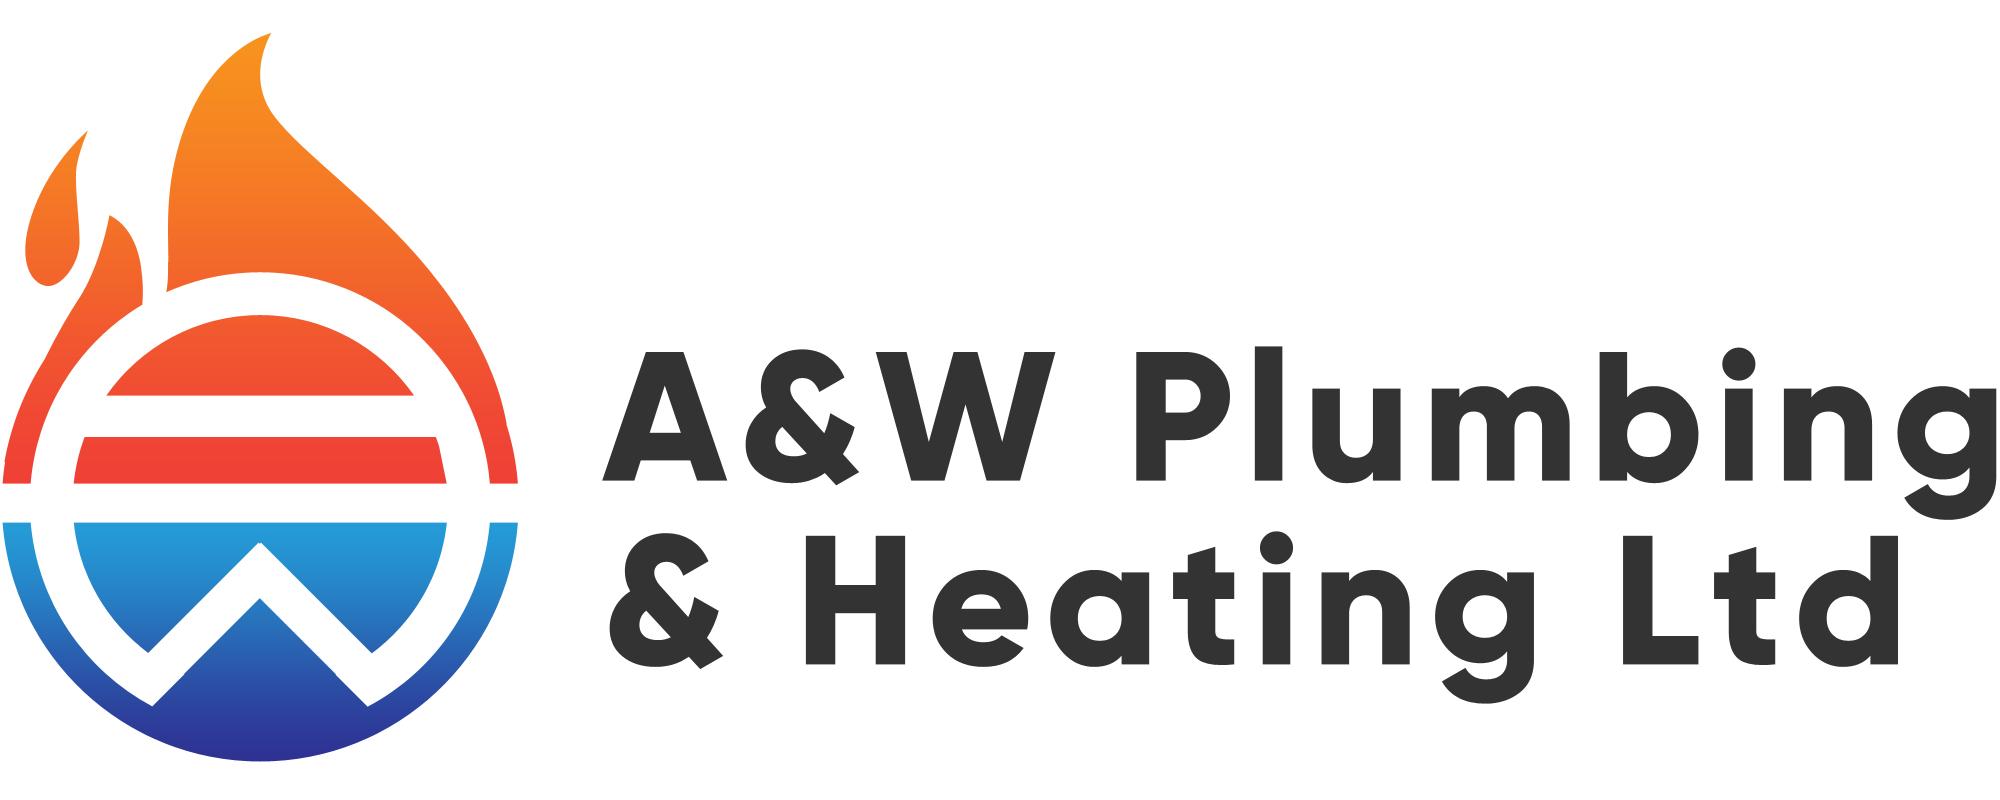 A&W Plumbing & Heating Verified Logo